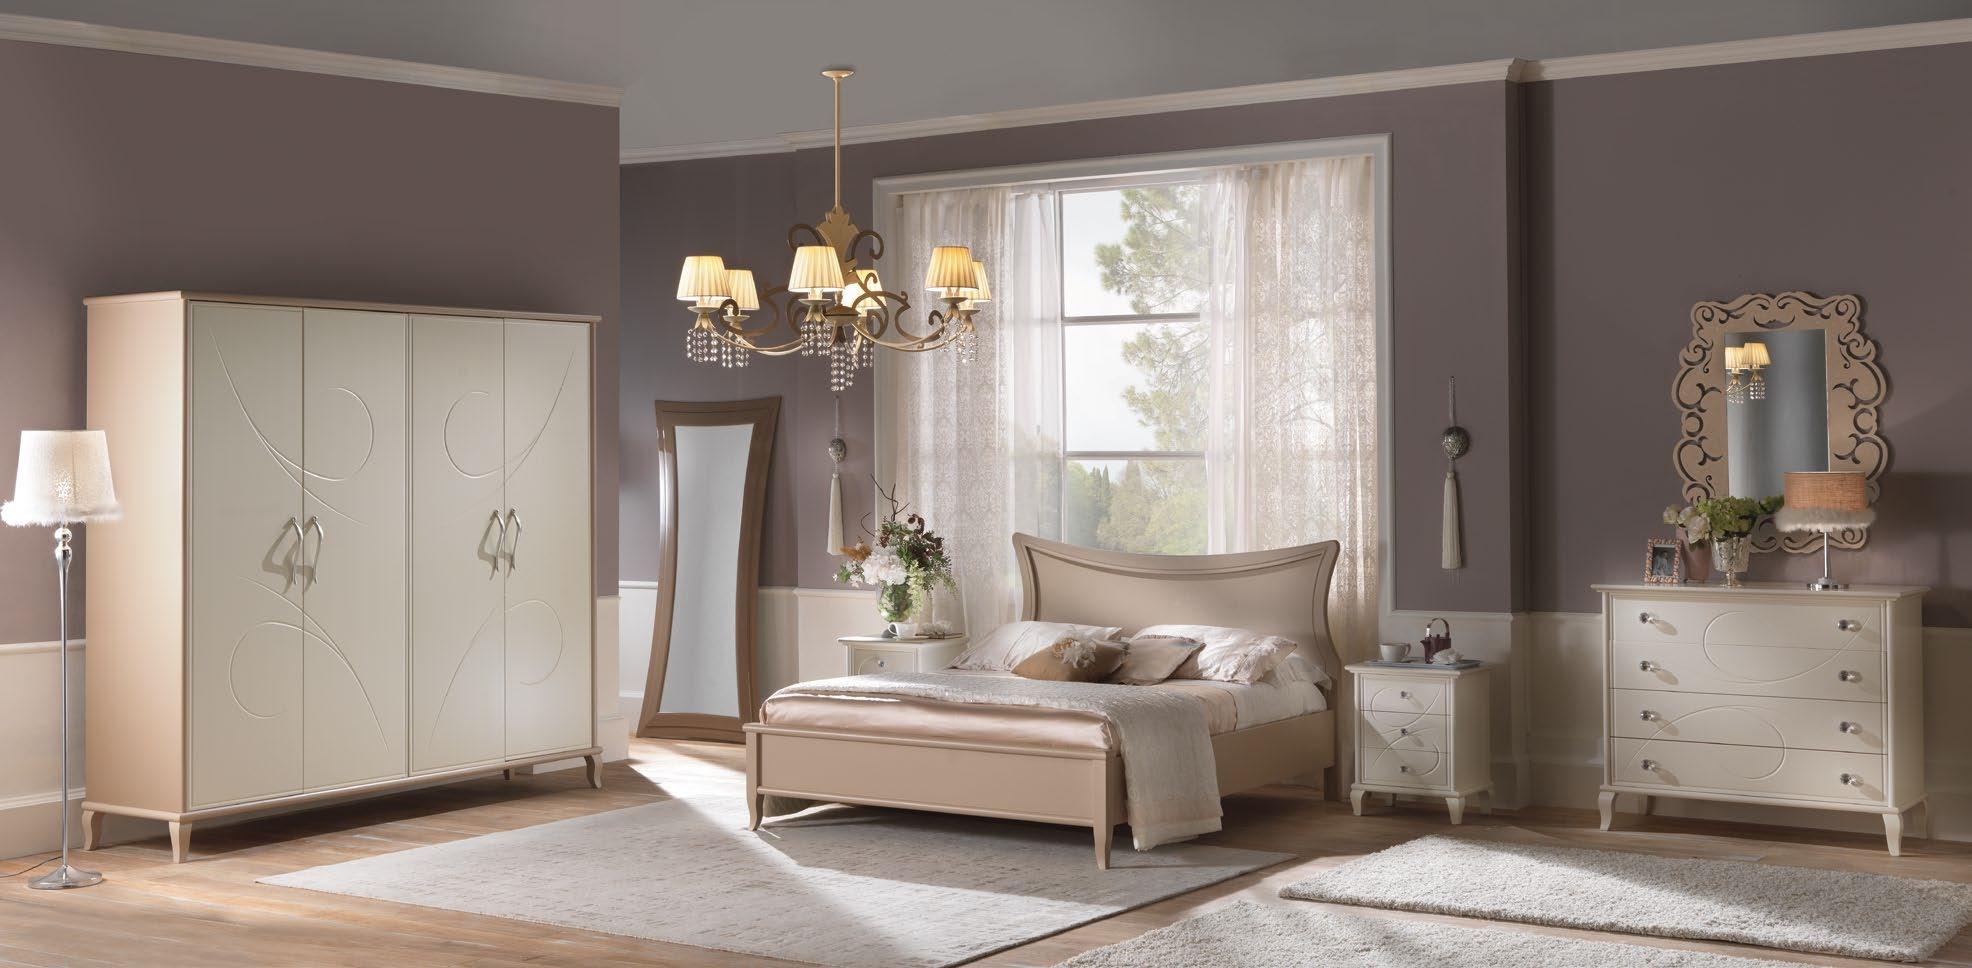 Camera matrimoniale provenzale in legno avorio e sabbia for Camera matrimoniale in legno